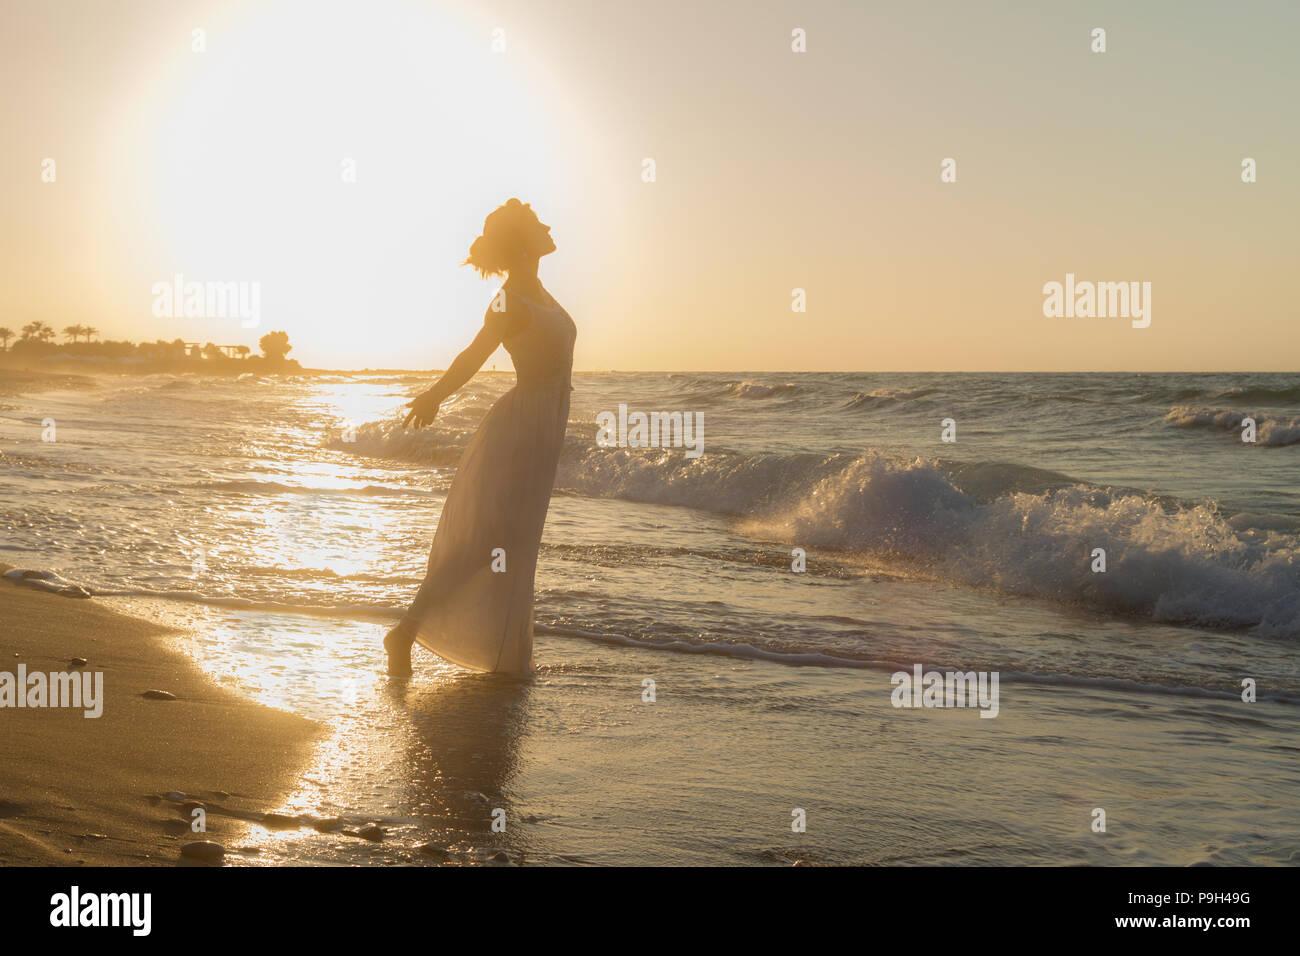 Femme aux bras levés, pieds nus, se sentir heureux, vivant et libre dans la nature en méditant à sandy beach misty propre respiration d'air frais de l'océan au crépuscule. Vacances d'concept de vie Photo Stock